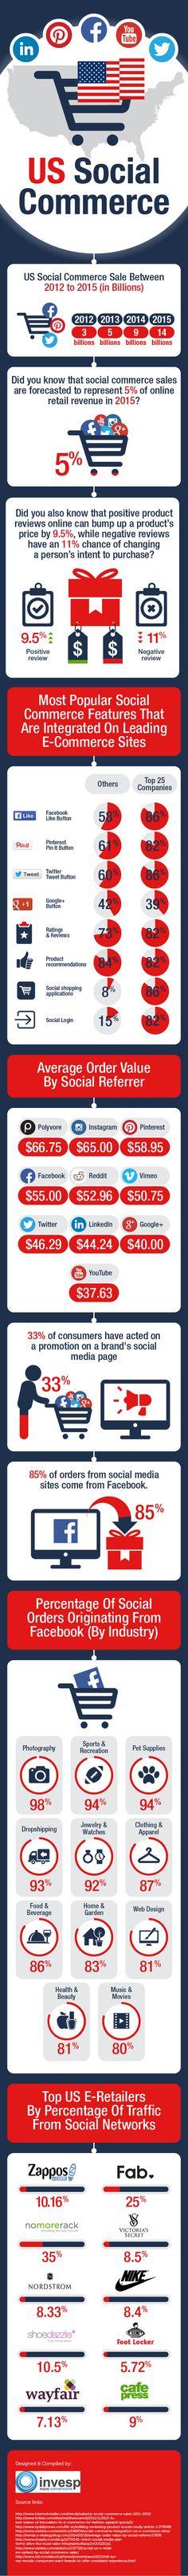 U.S. Social Commerce - Statistics & Trends